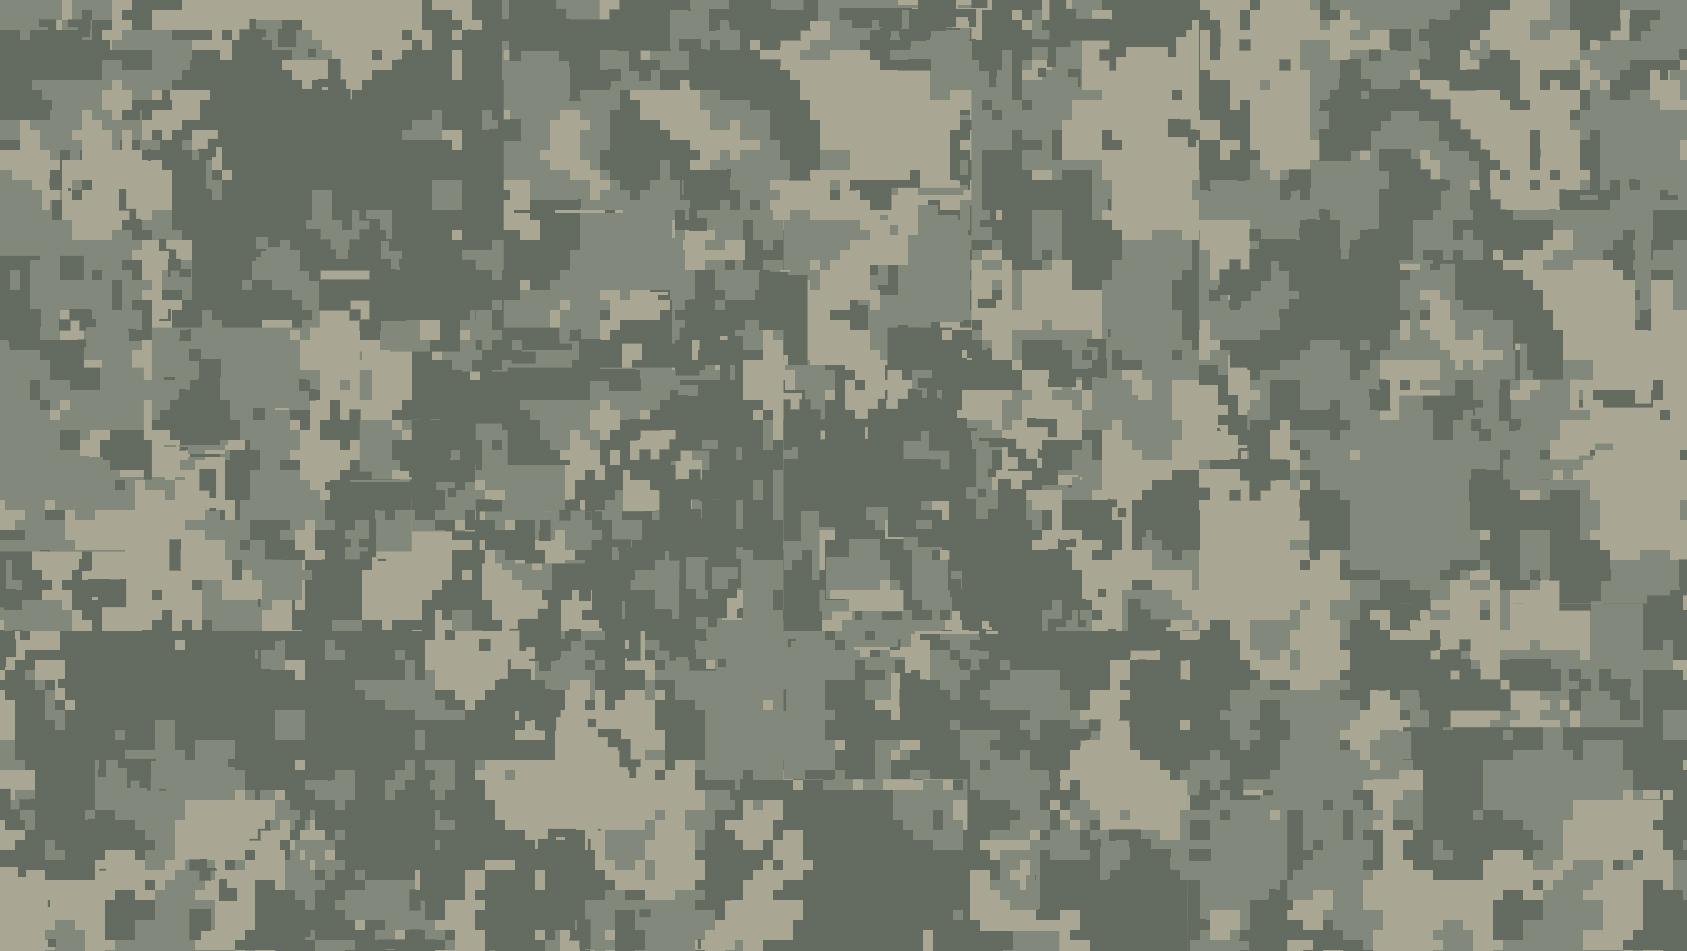 Digital Camo Patterns Hd 1687x951